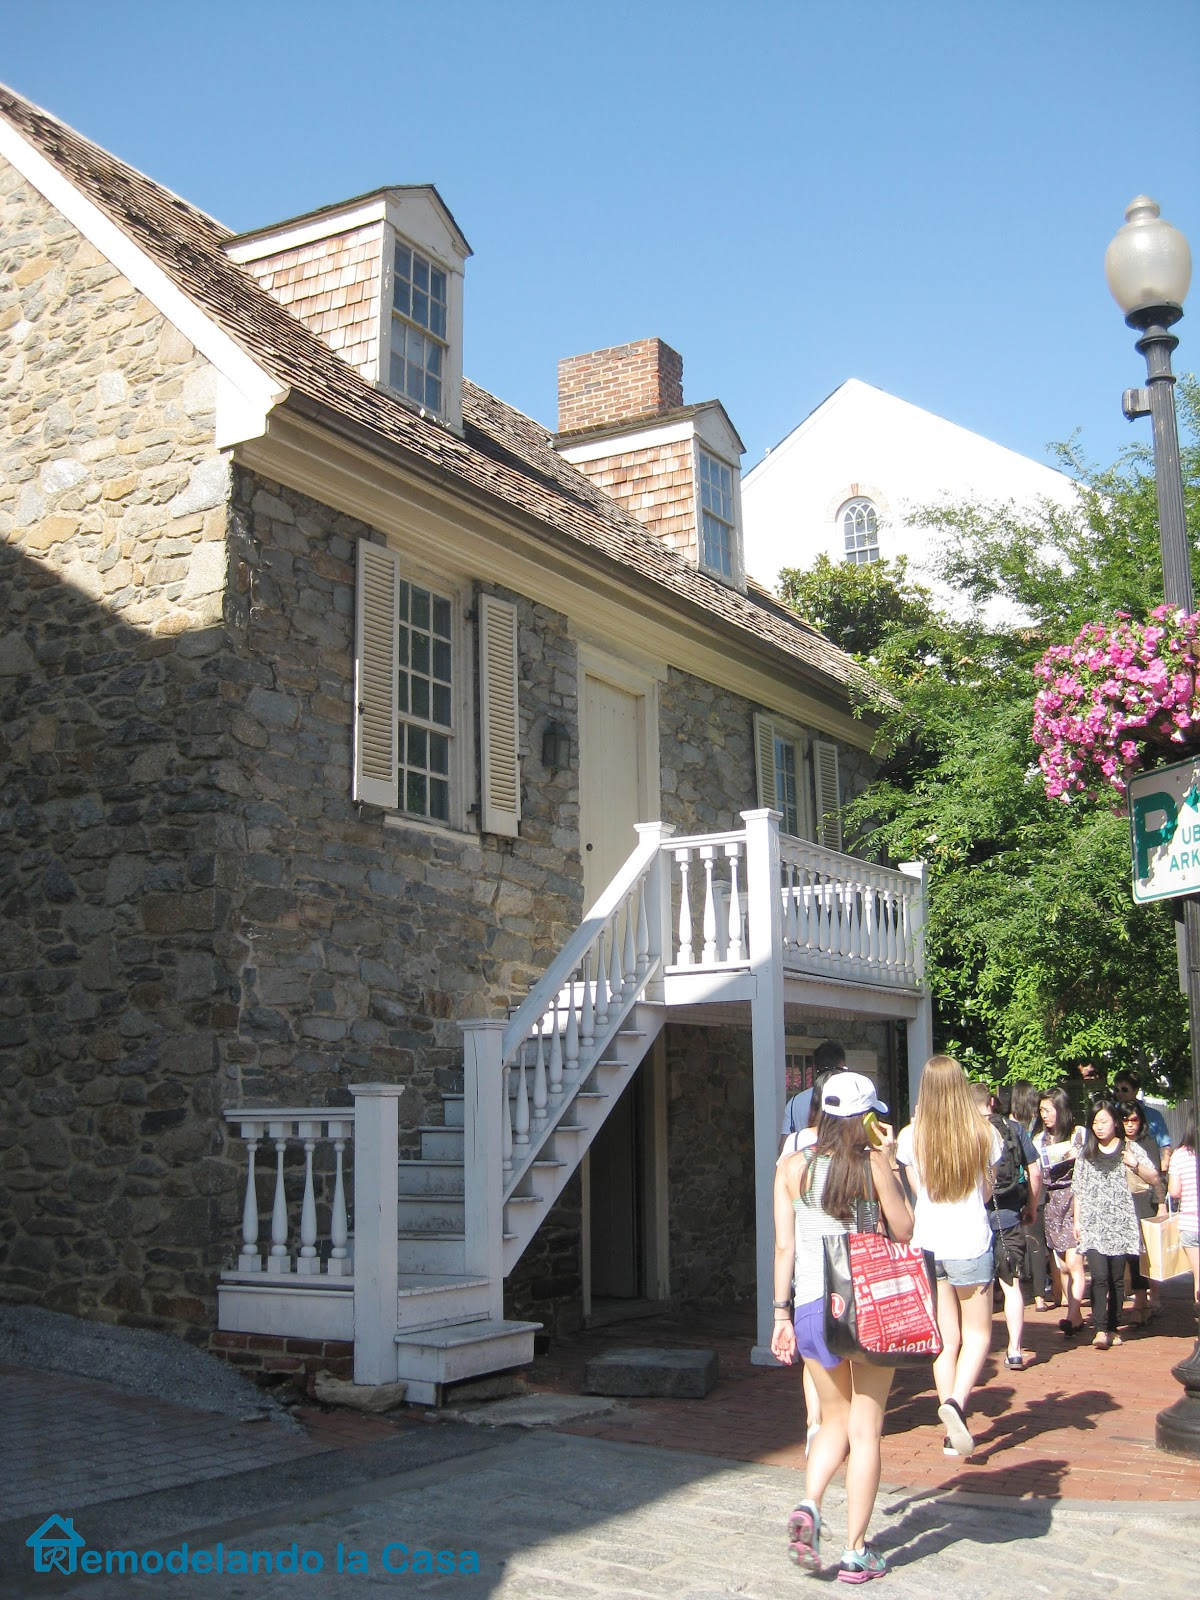 Old Stone House - Washington D.C.